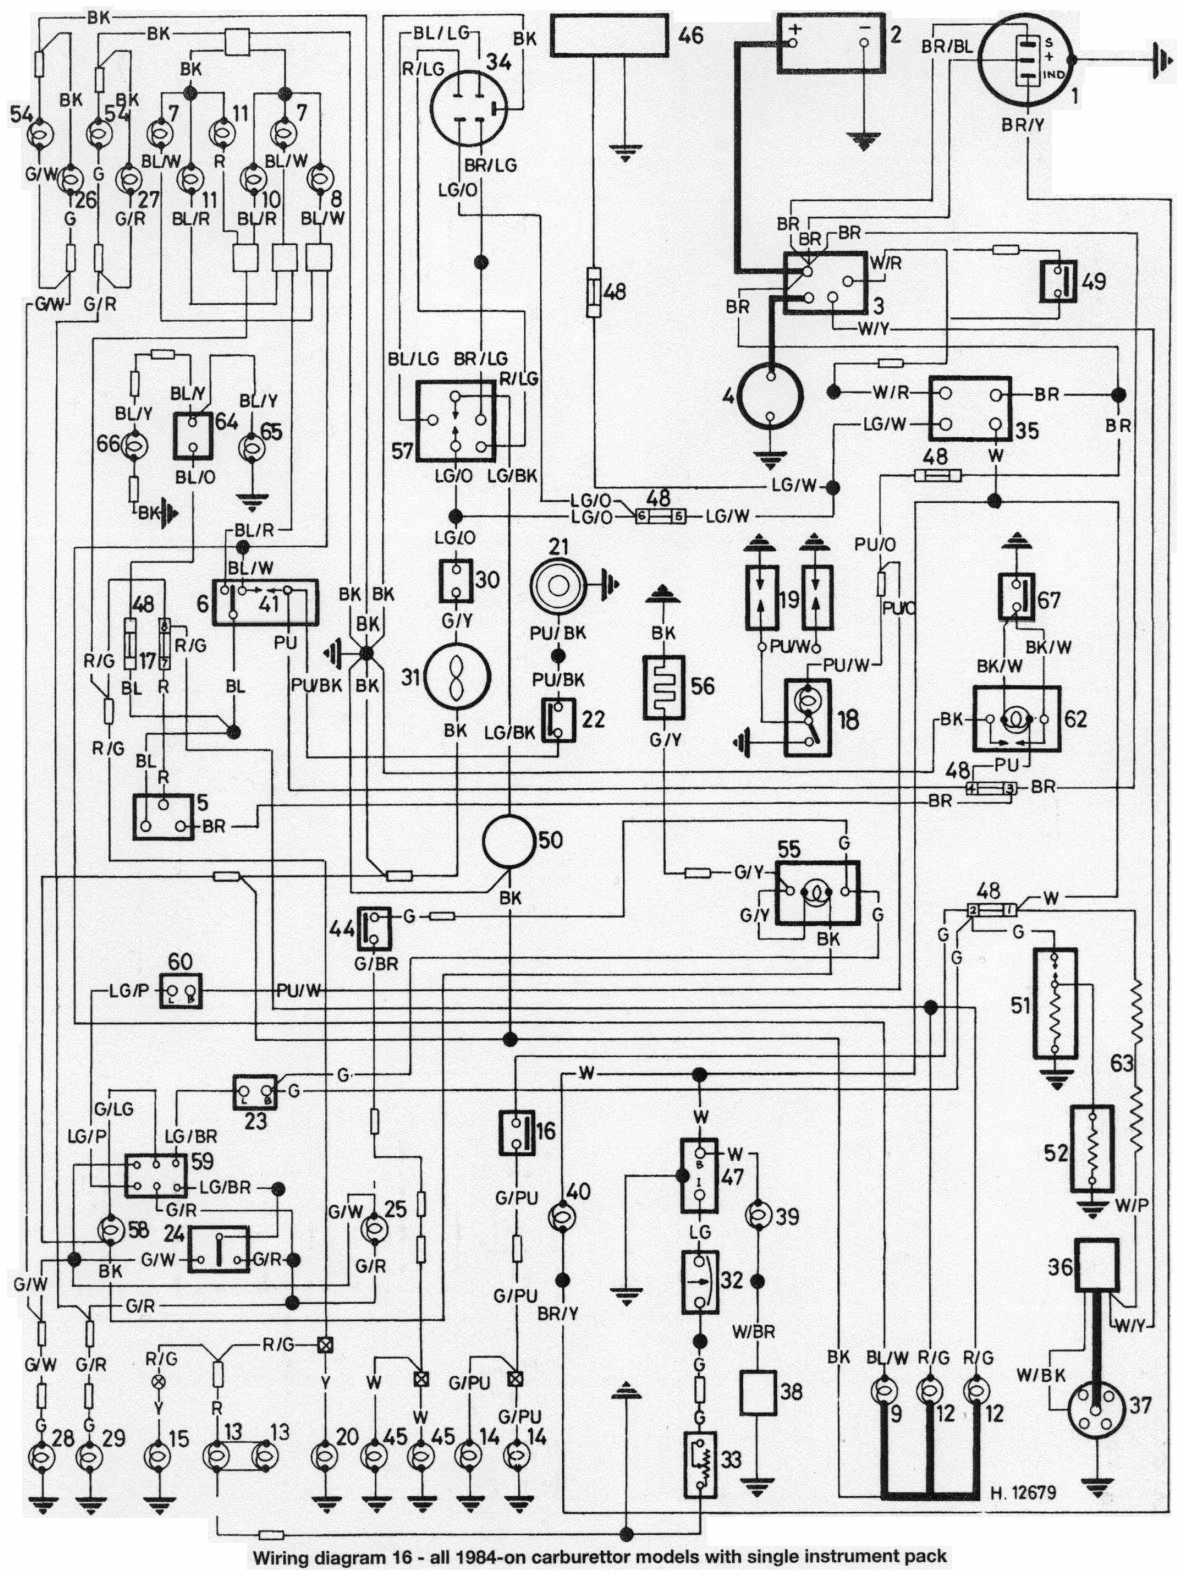 mini cooper transmission wiring harnes [ 1184 x 1576 Pixel ]